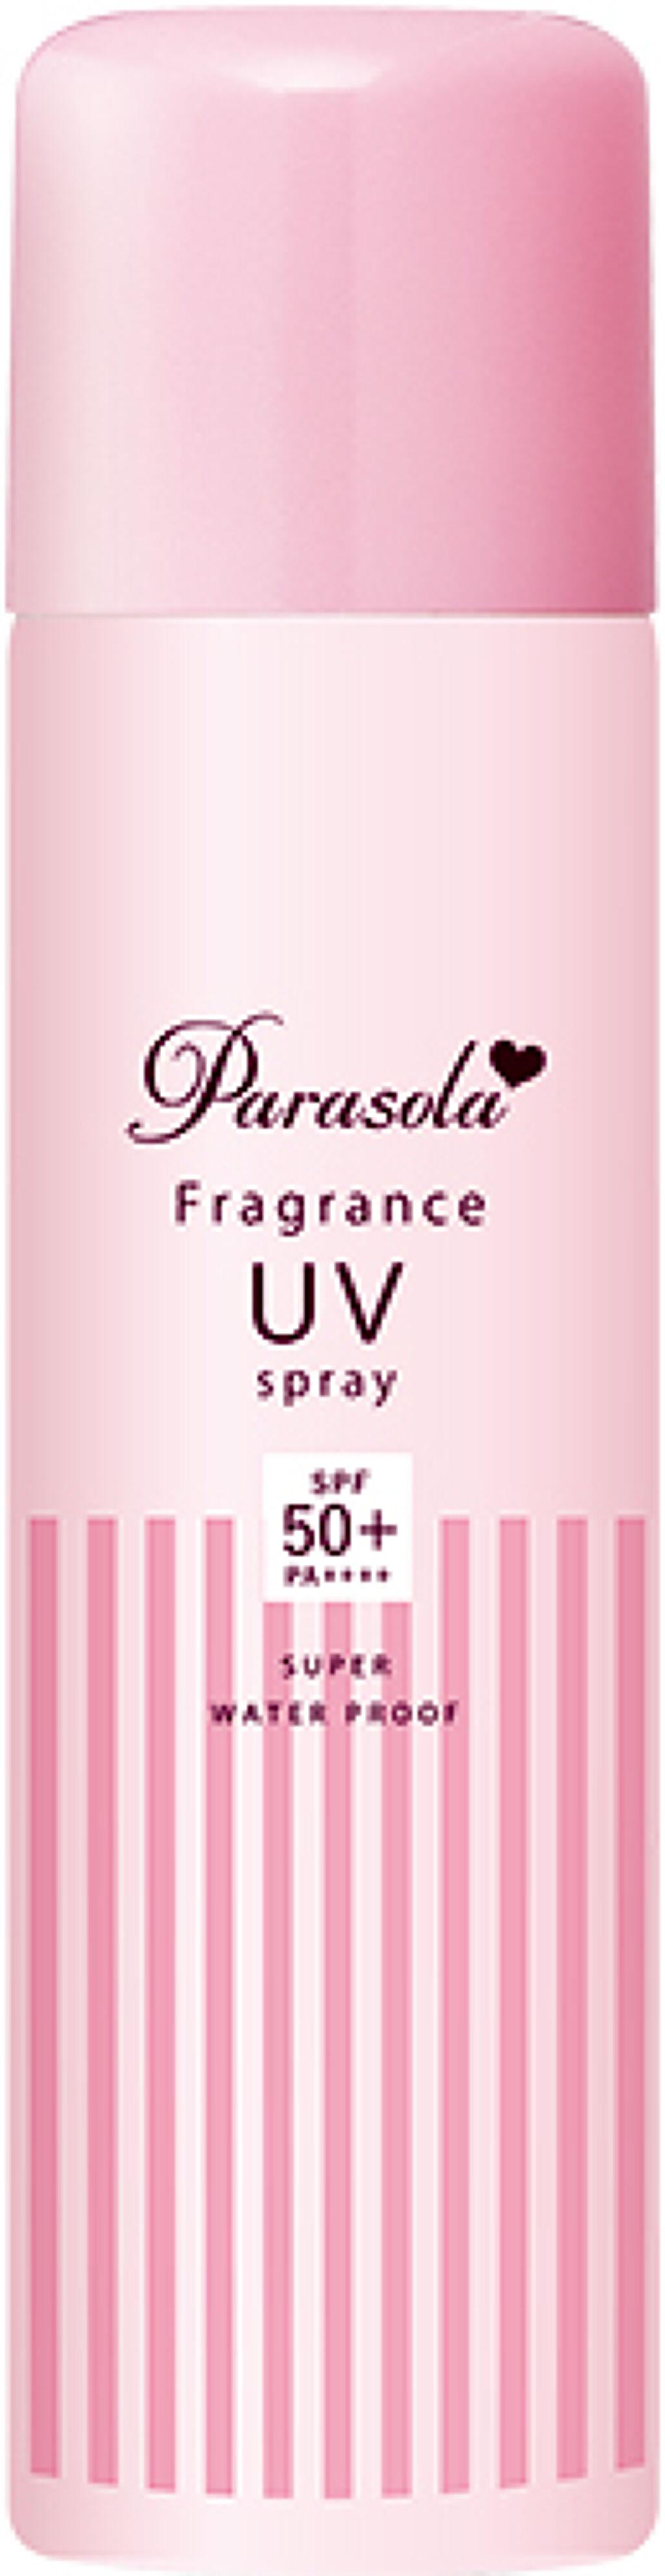 香水みたいな香り付き♡UVカットスプレー(2枚目)